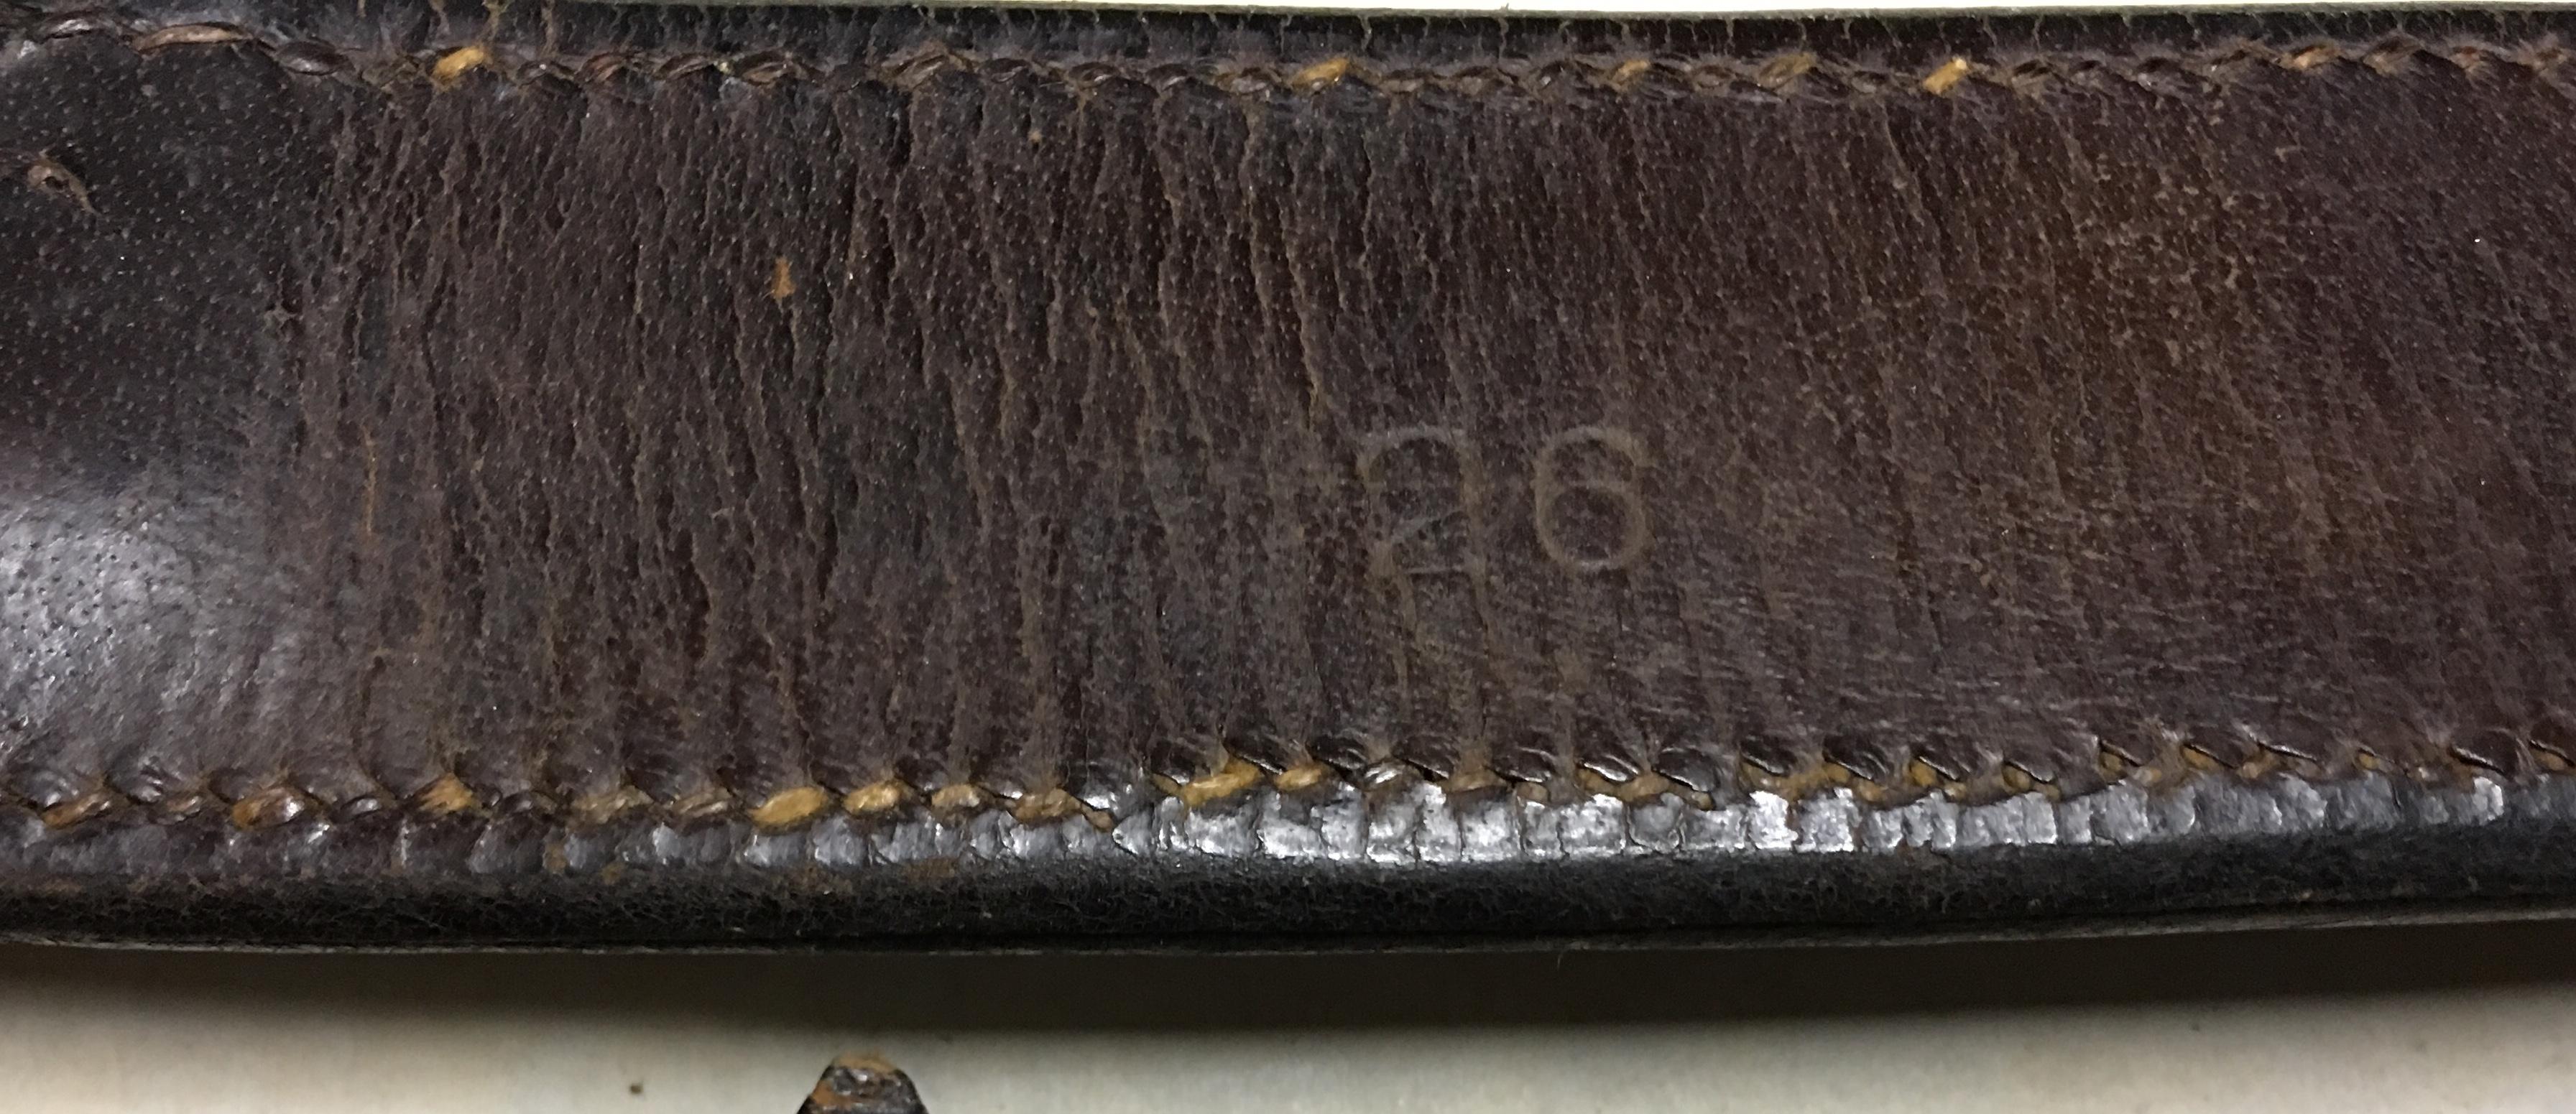 325C7CF6-0DA3-4E2A-8E35-2CAB3EB3B799.jpeg